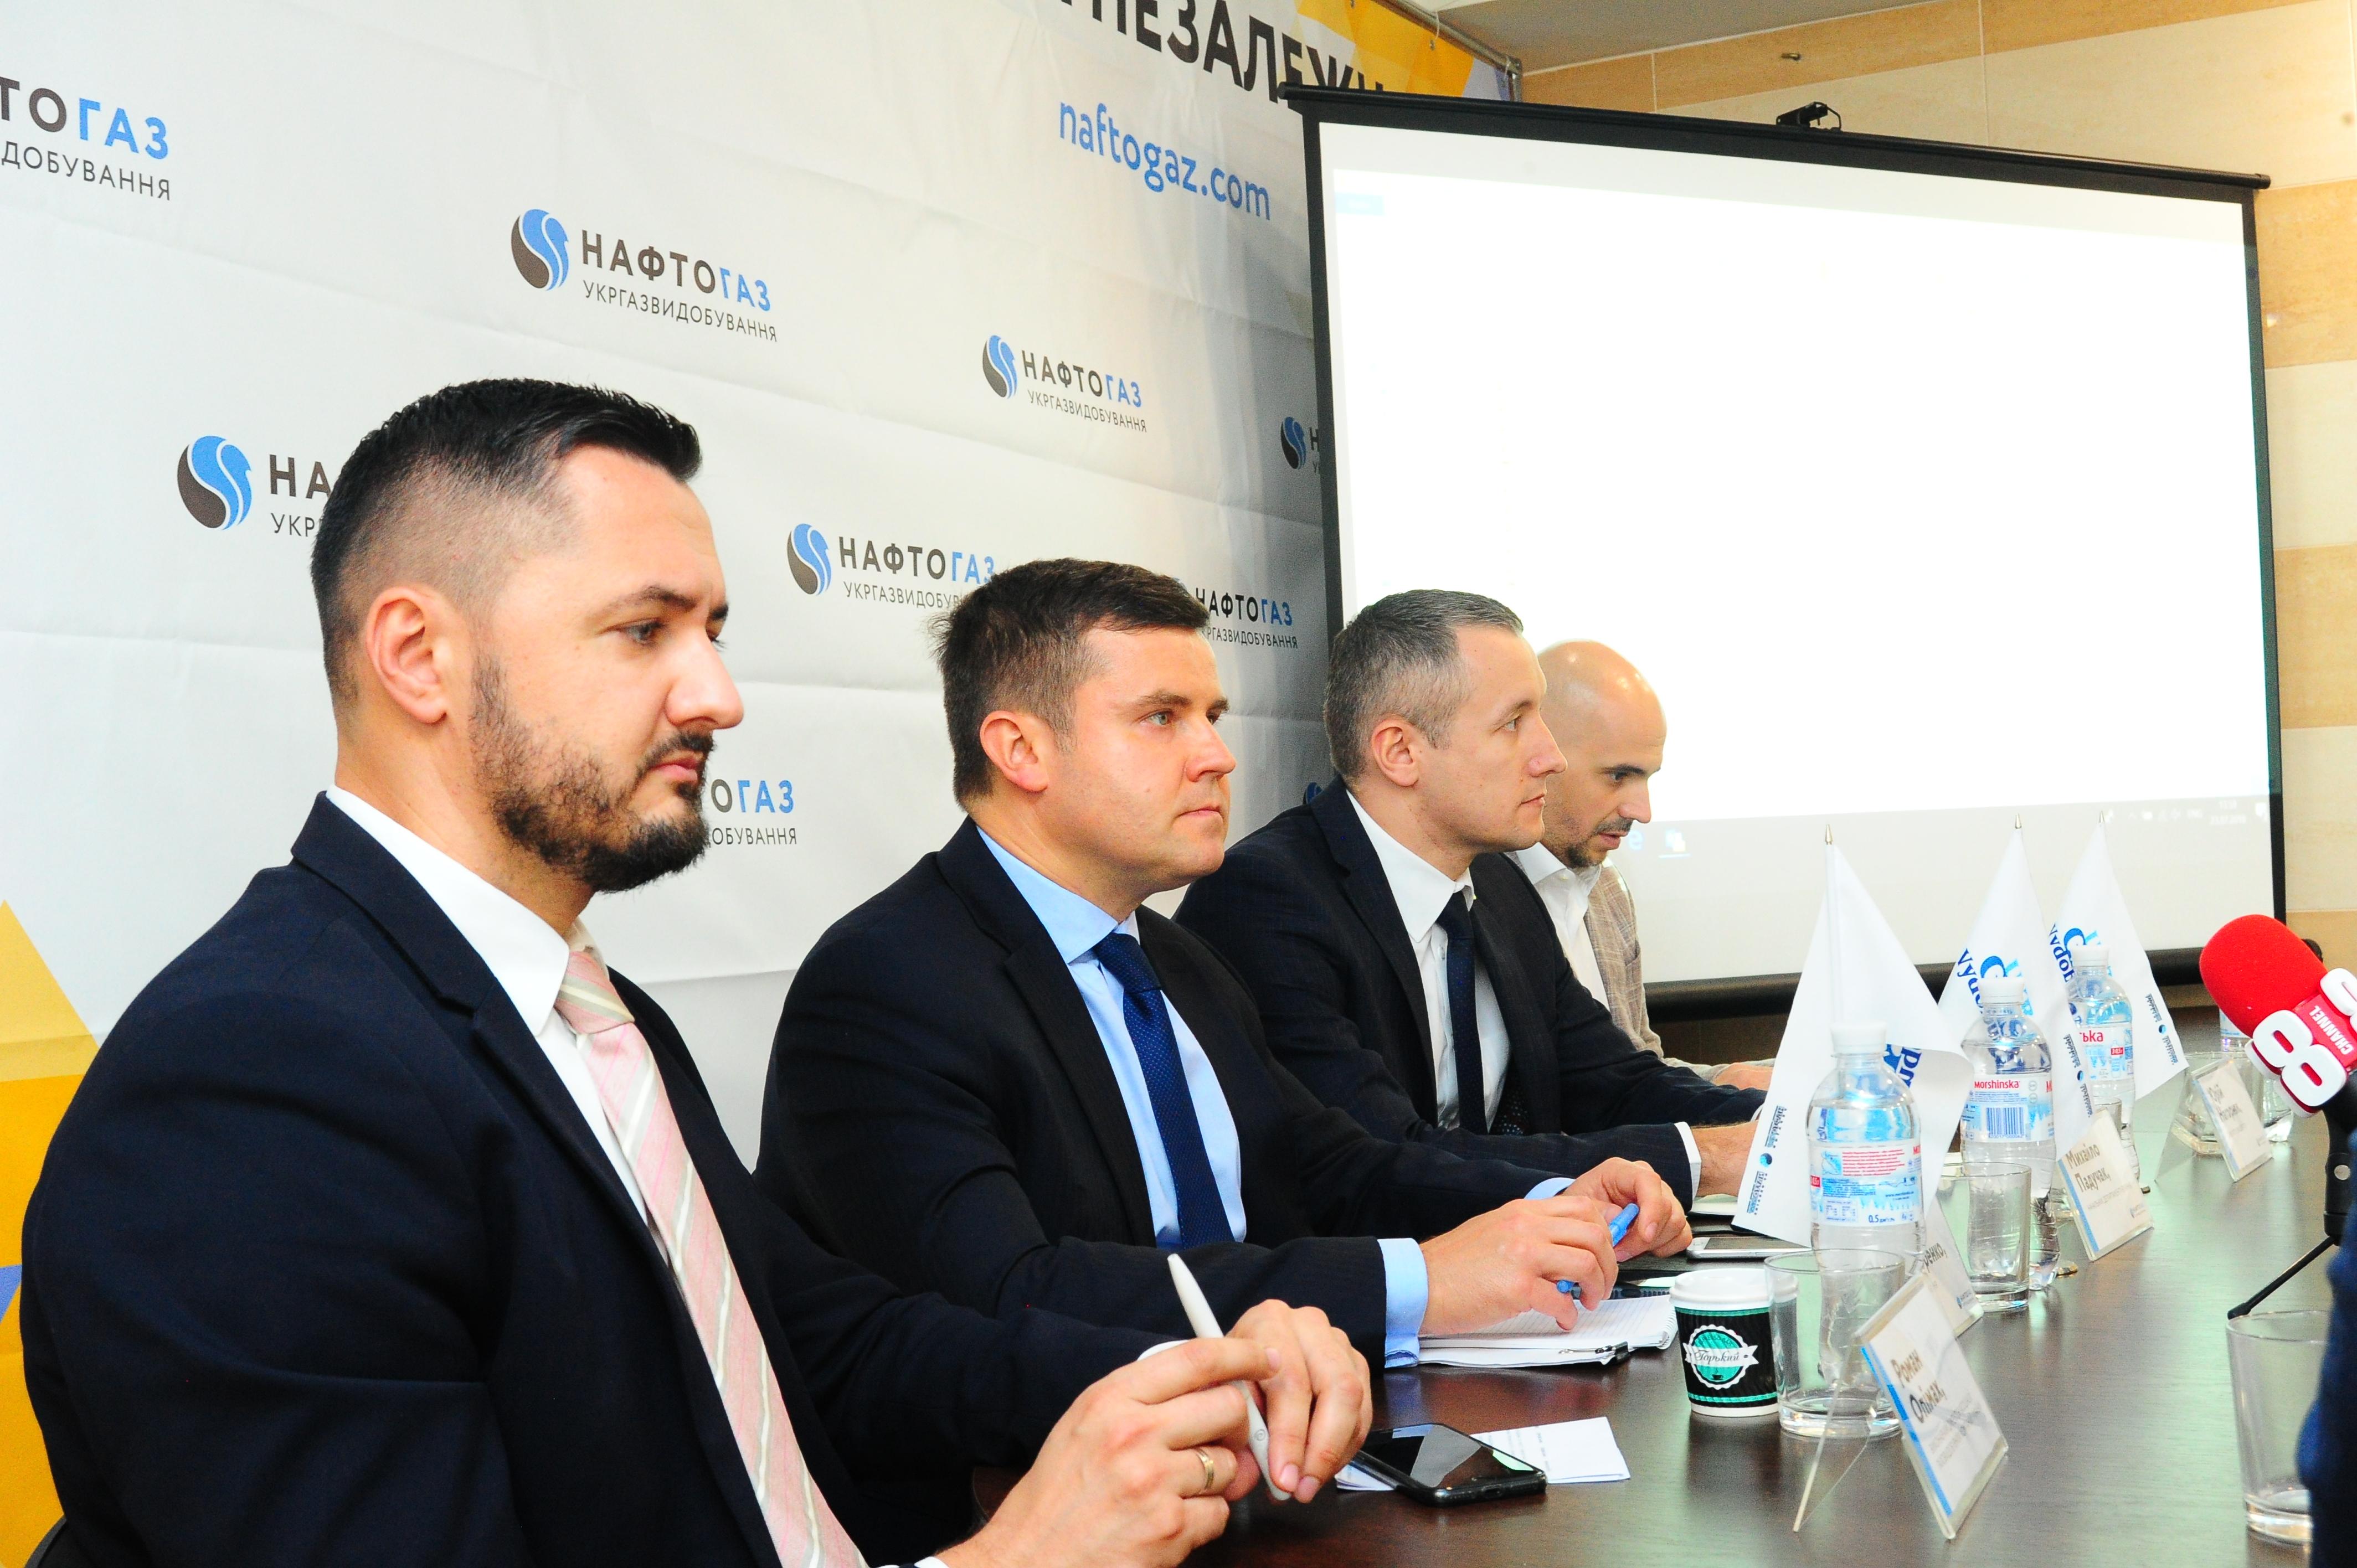 Укргазвидобування провело круглий стіл з українськими та міжнародними сервісними підрядниками